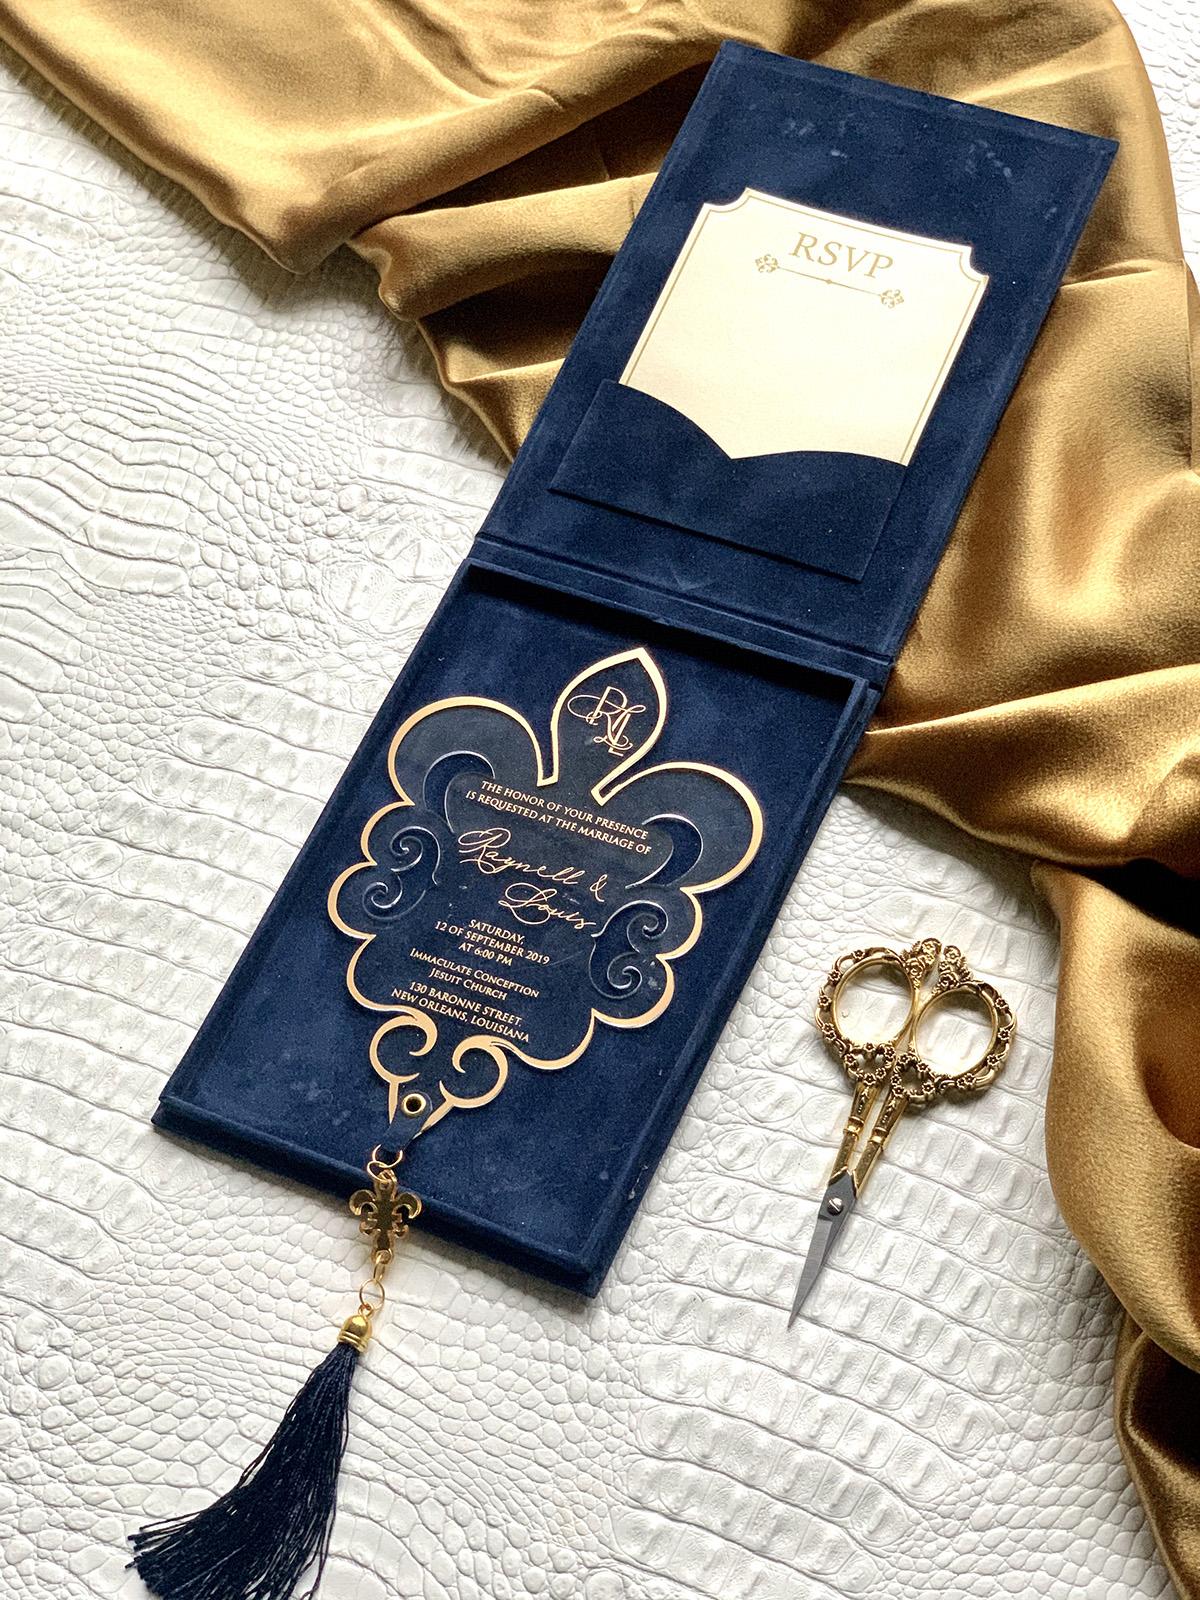 Upscales Custom Collection Suede Invitation Box Acrylic Invite